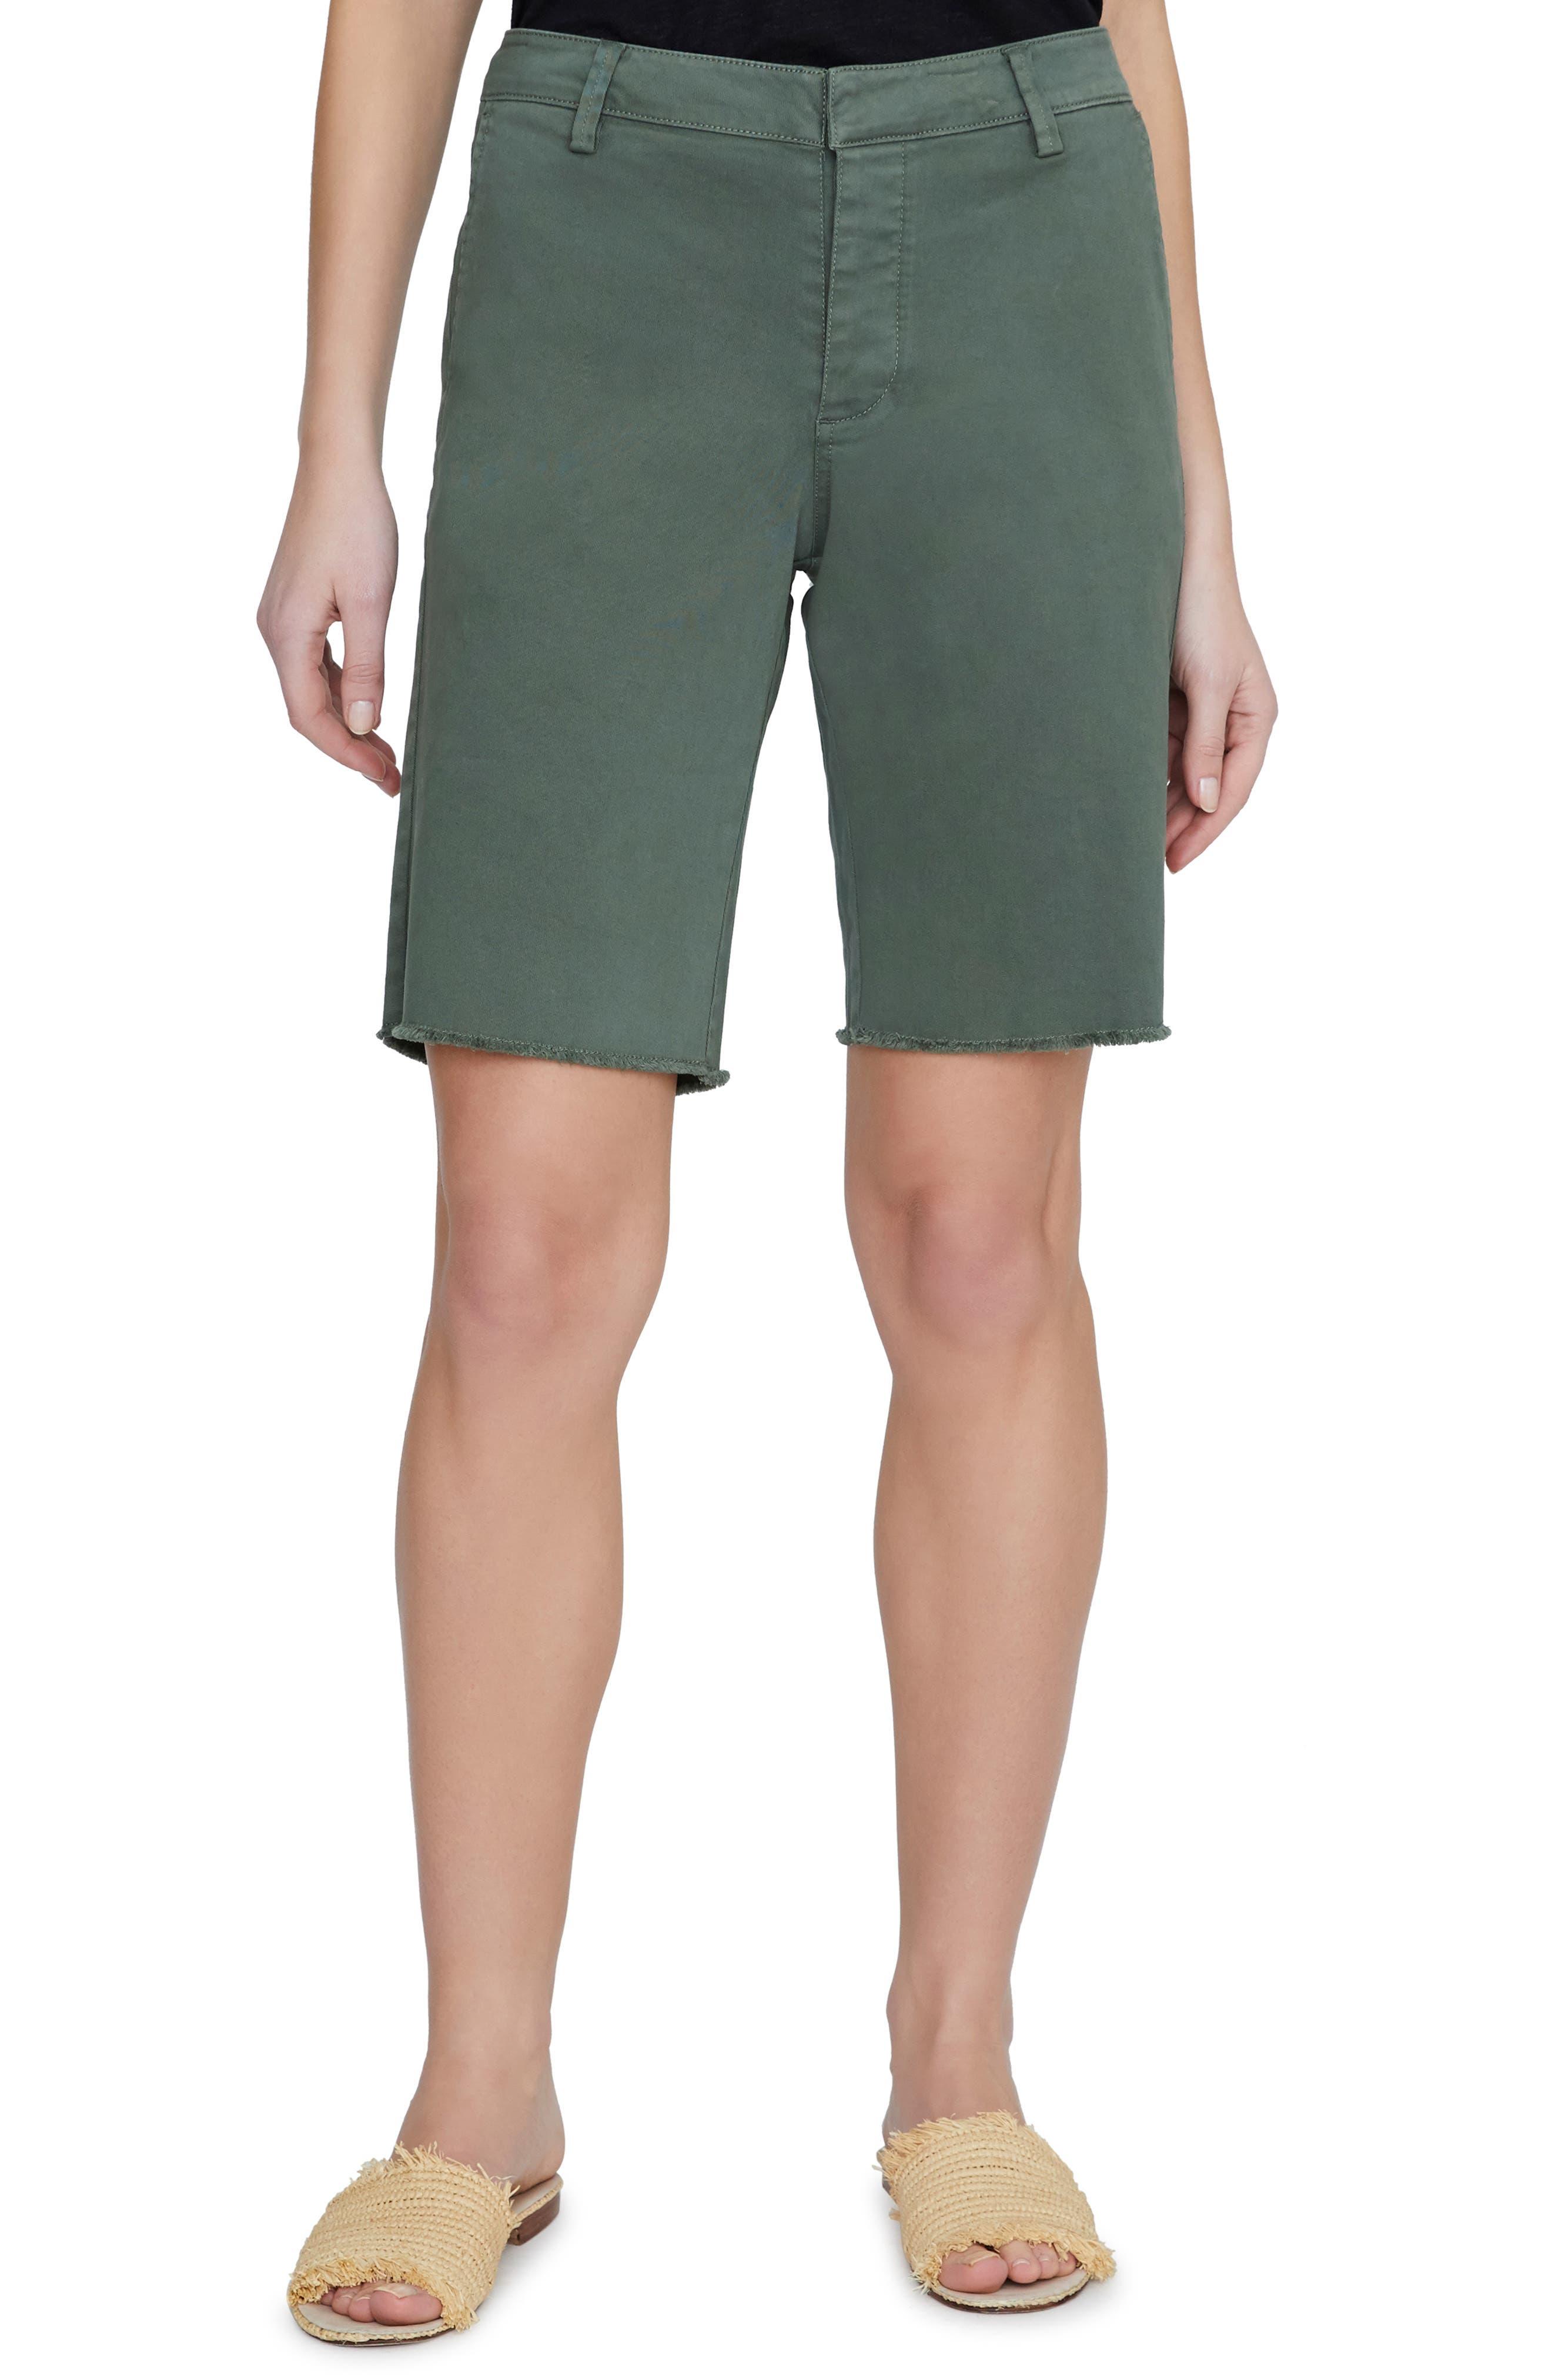 SANCTUARY, Boardwalk Bermuda Shorts, Main thumbnail 1, color, PEACE GREEN